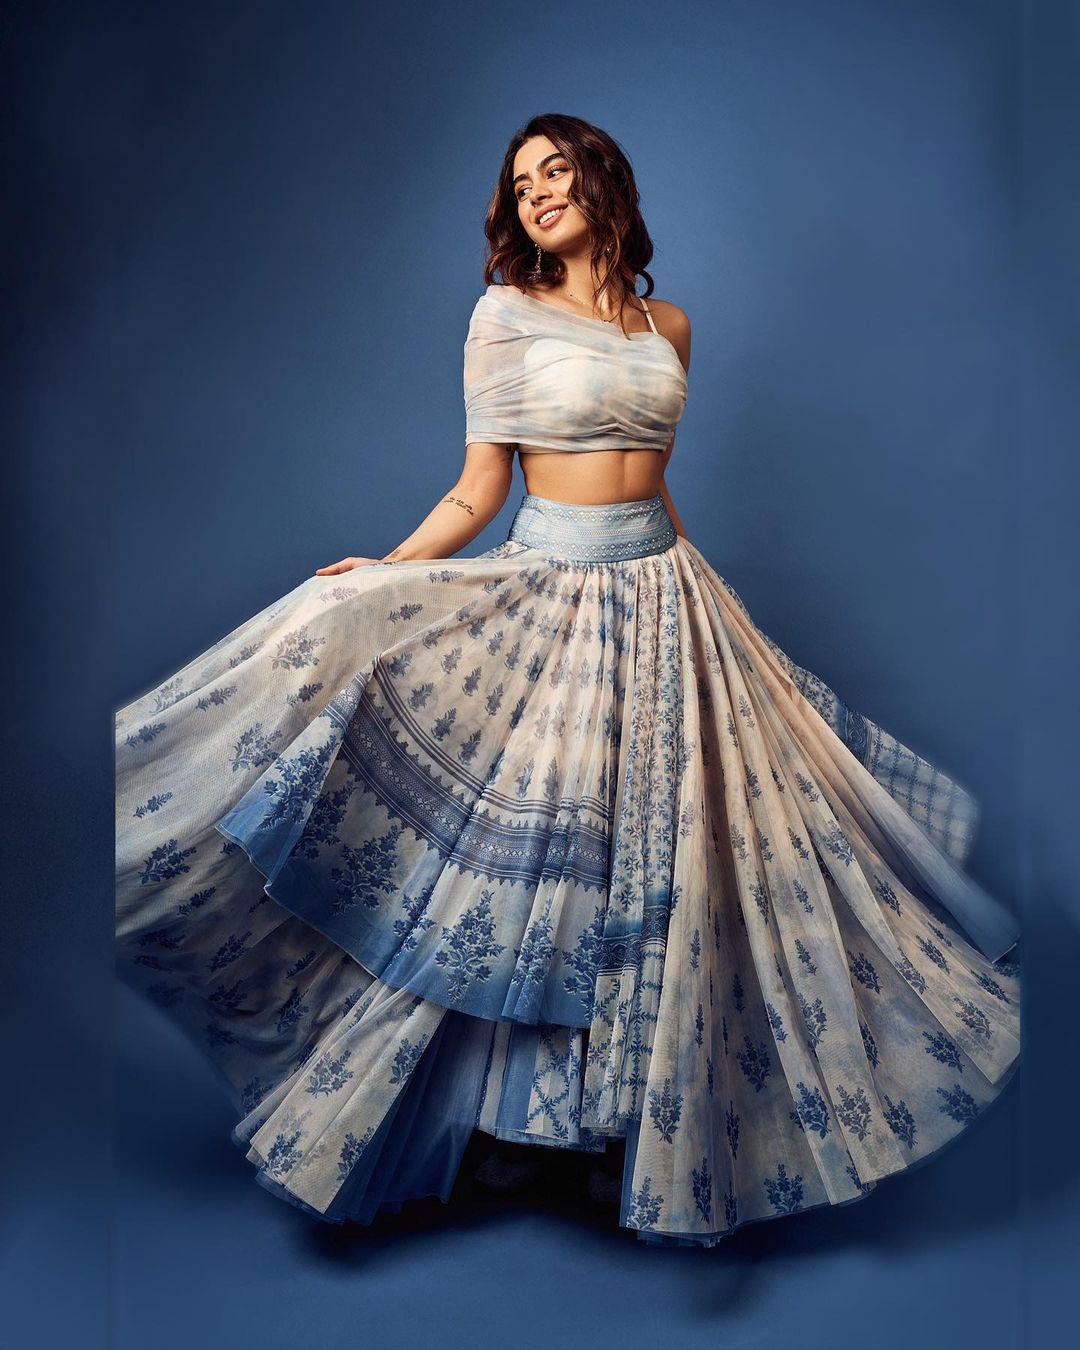 Janhvi Kapoor की बहन Khushi Kapoor का ग्लैमरस लुक एक बार फिर चर्चा में, आउटफिट की कीमत जान उड़ जाएंगे होश